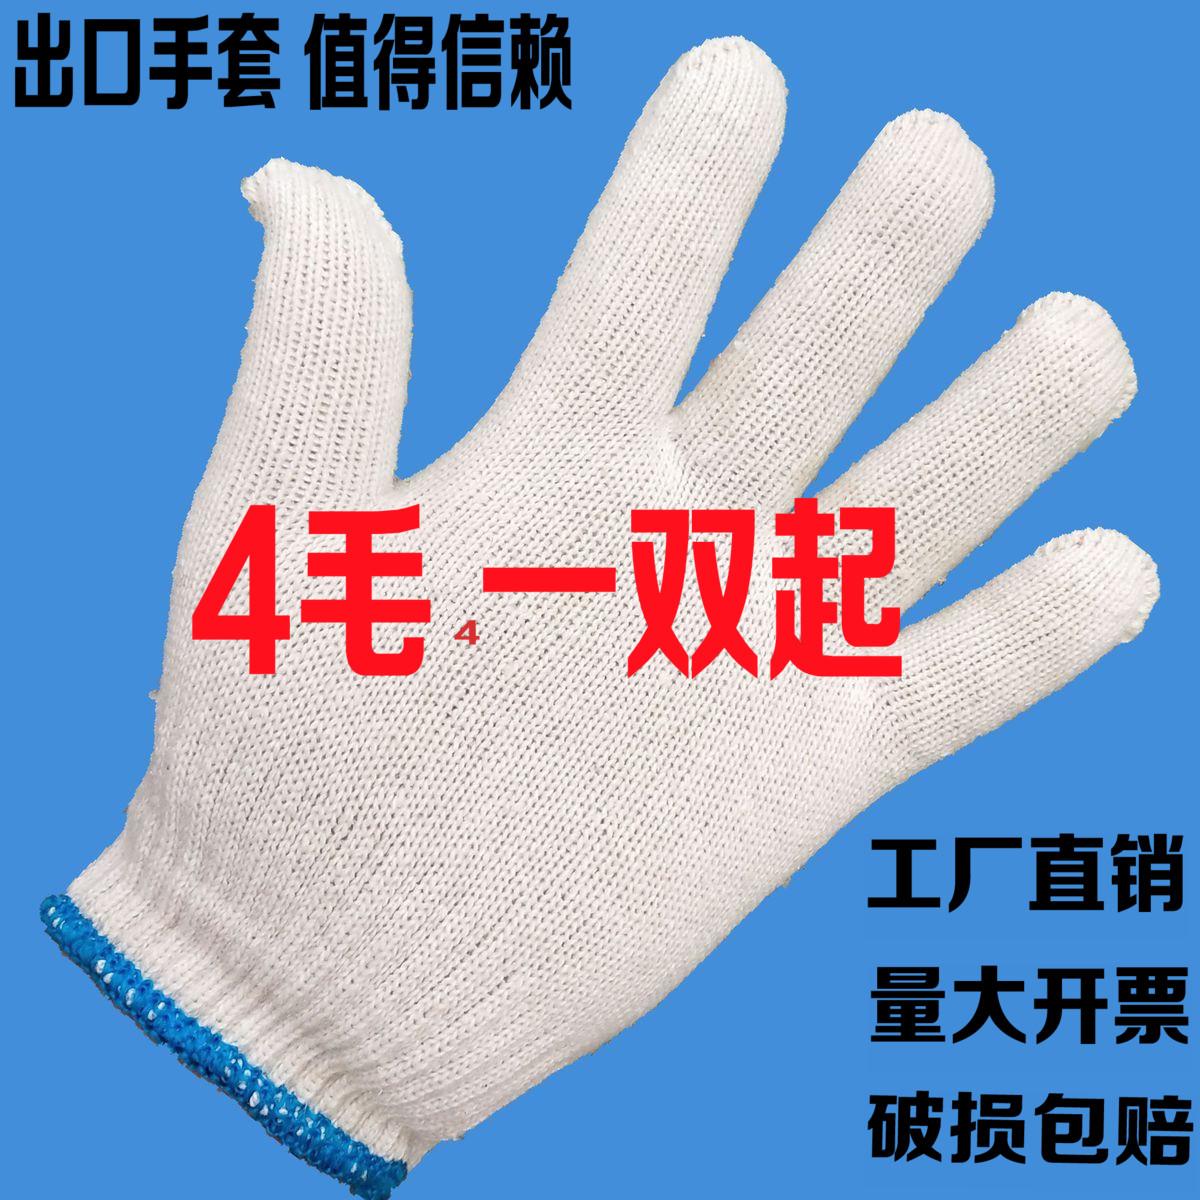 劳保手套耐磨加厚棉线手套工作劳动尼龙手套工人工地干活防滑手套